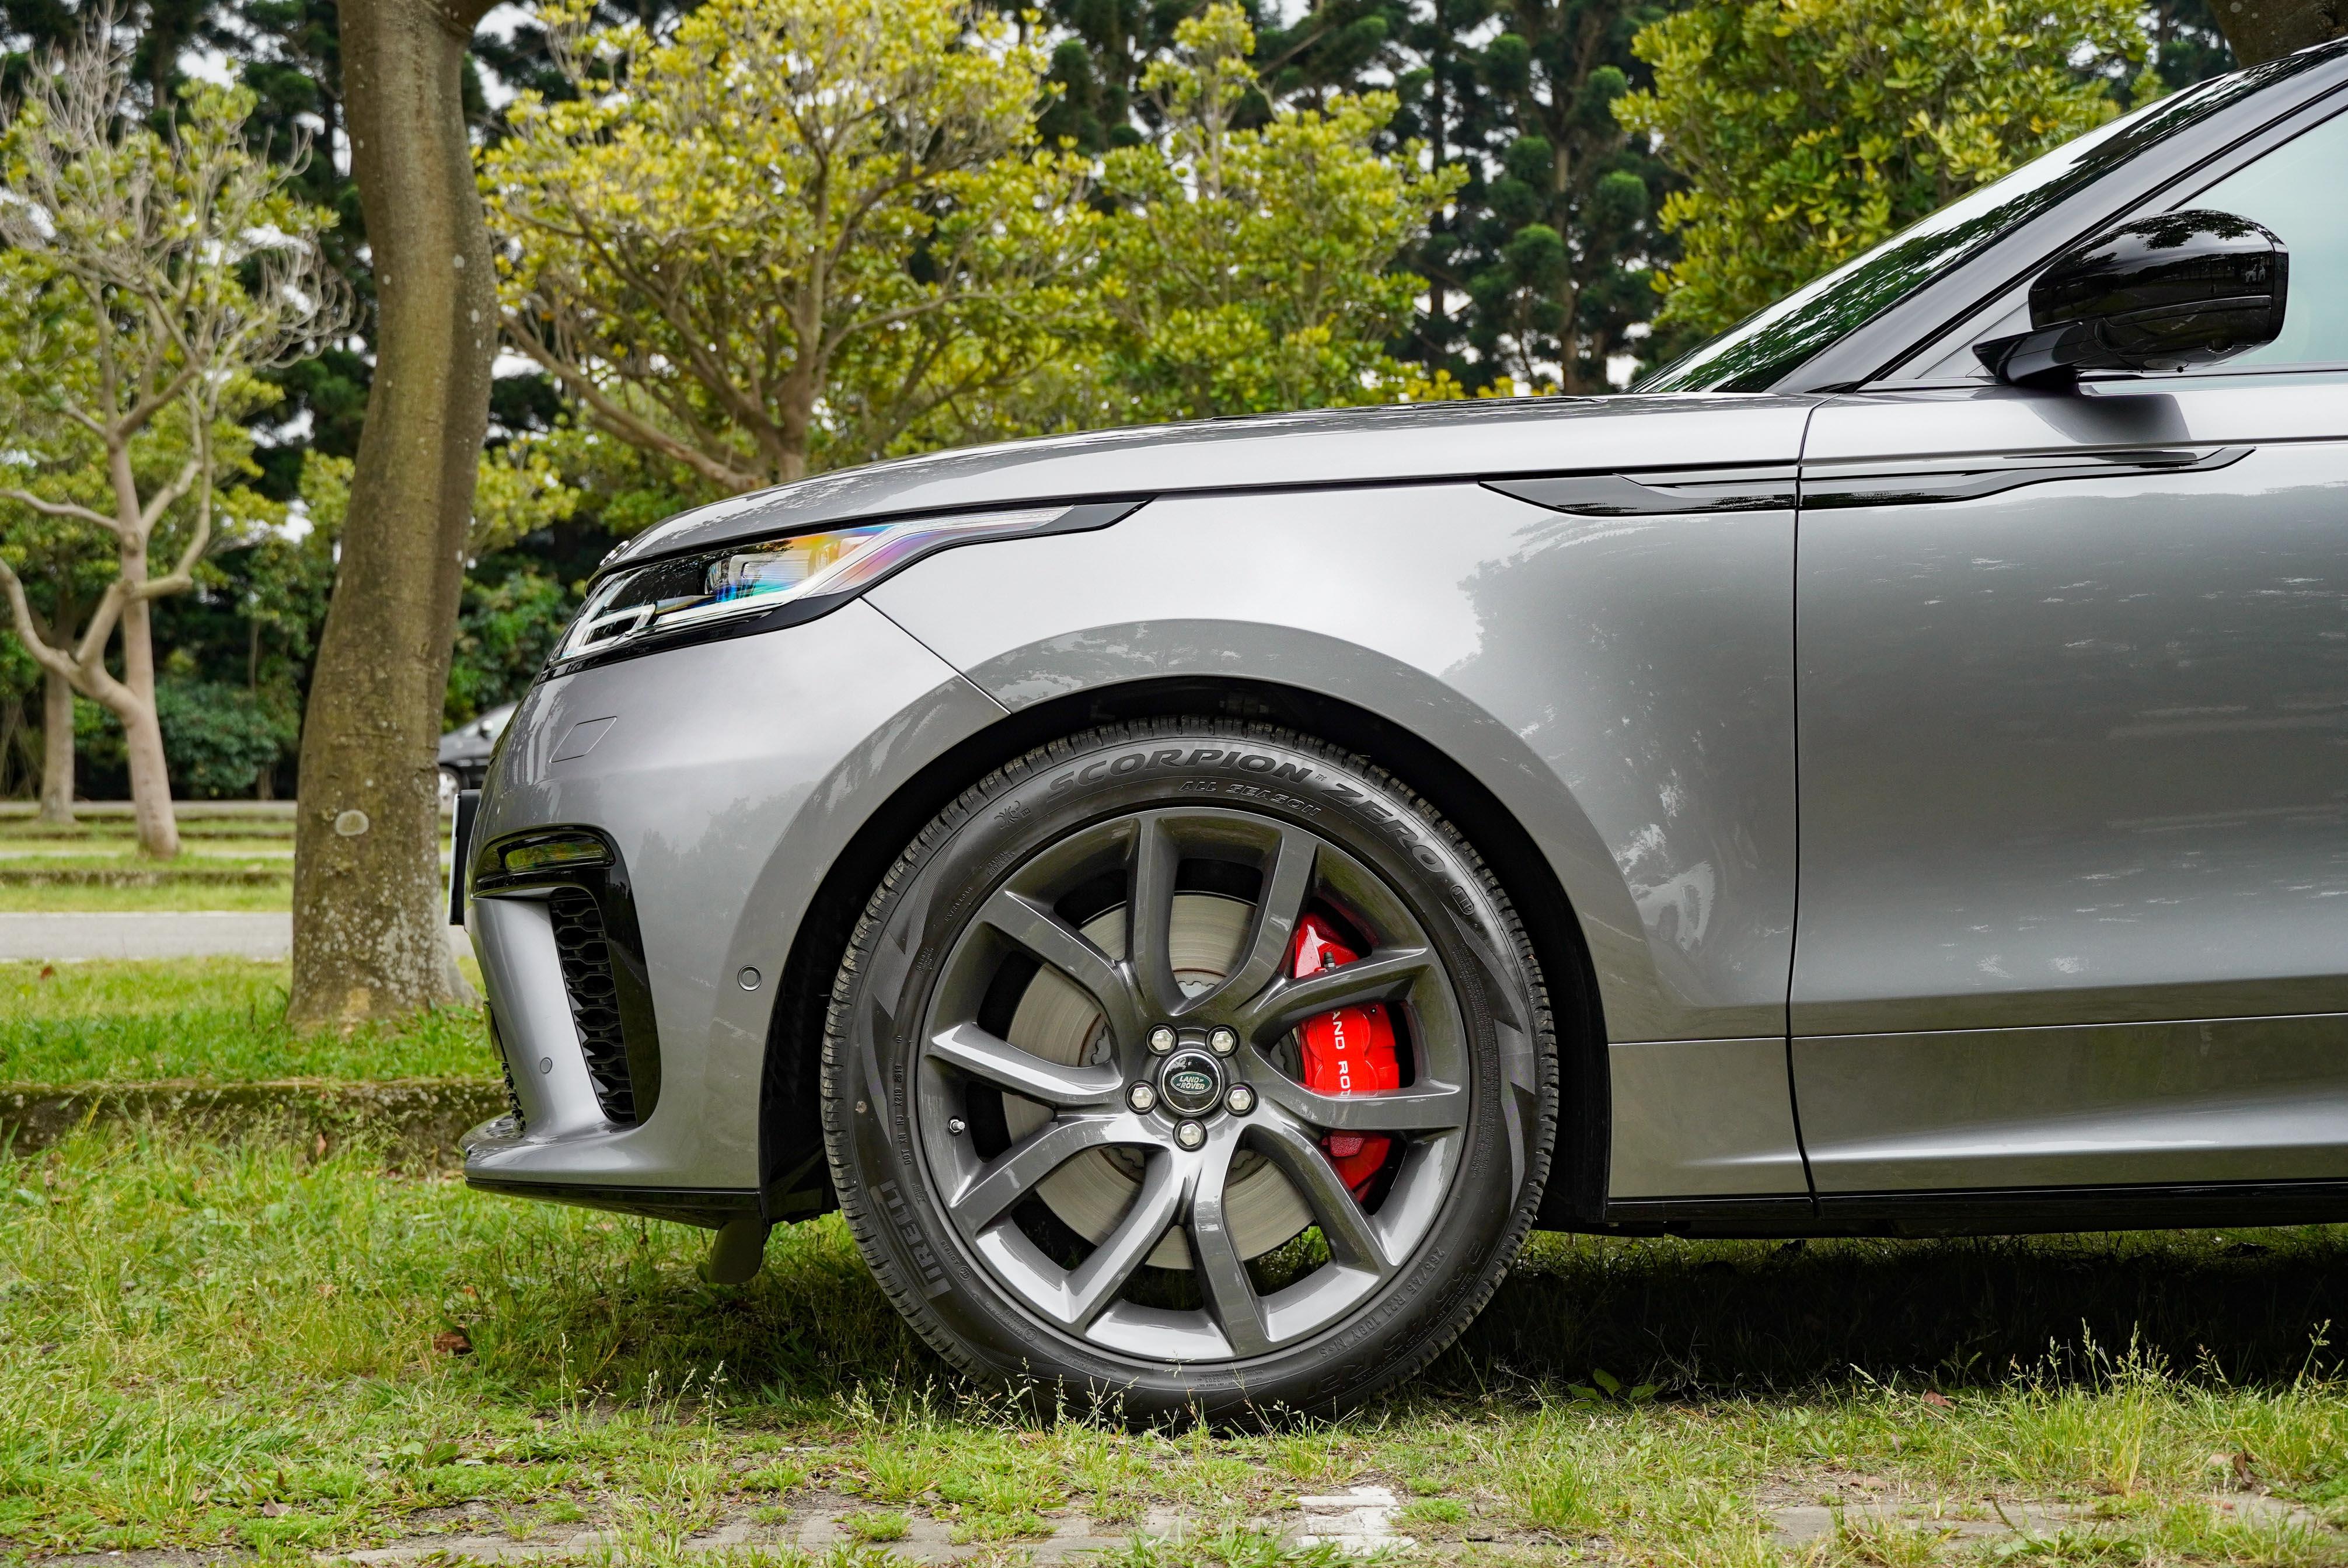 標配 21 吋輪圈,並提供多種樣式可選。